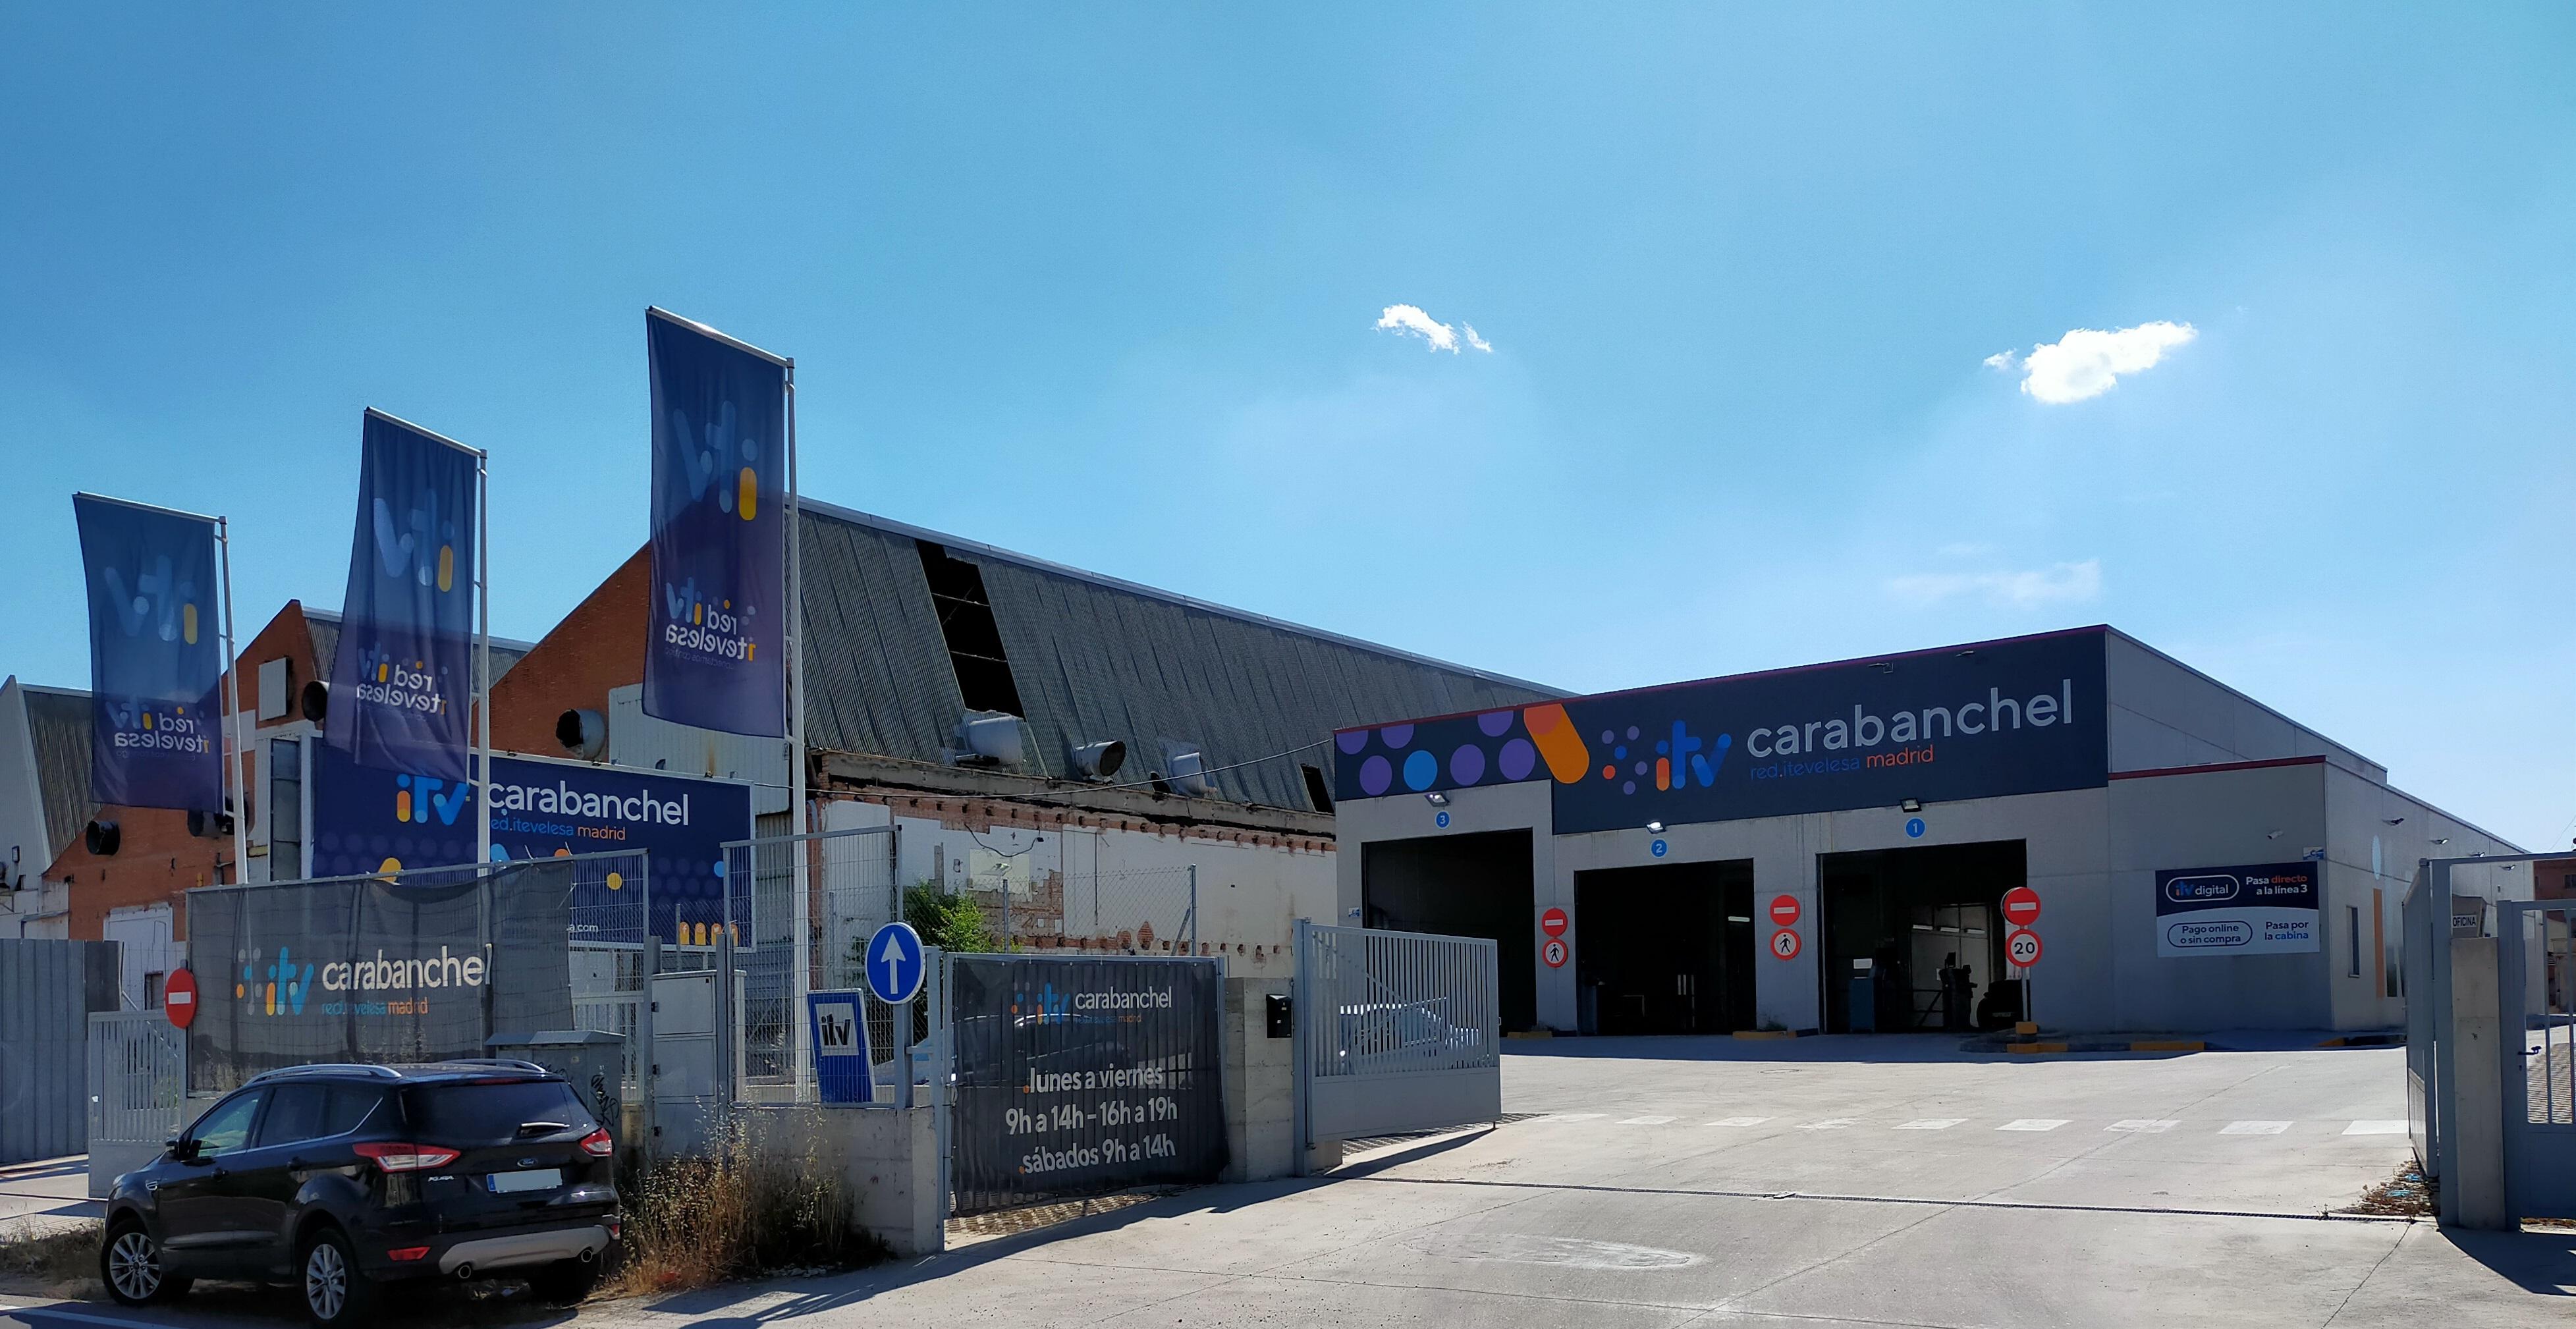 Estación ITV Carabanchel Red Itevelesa con horarios y procedimientos